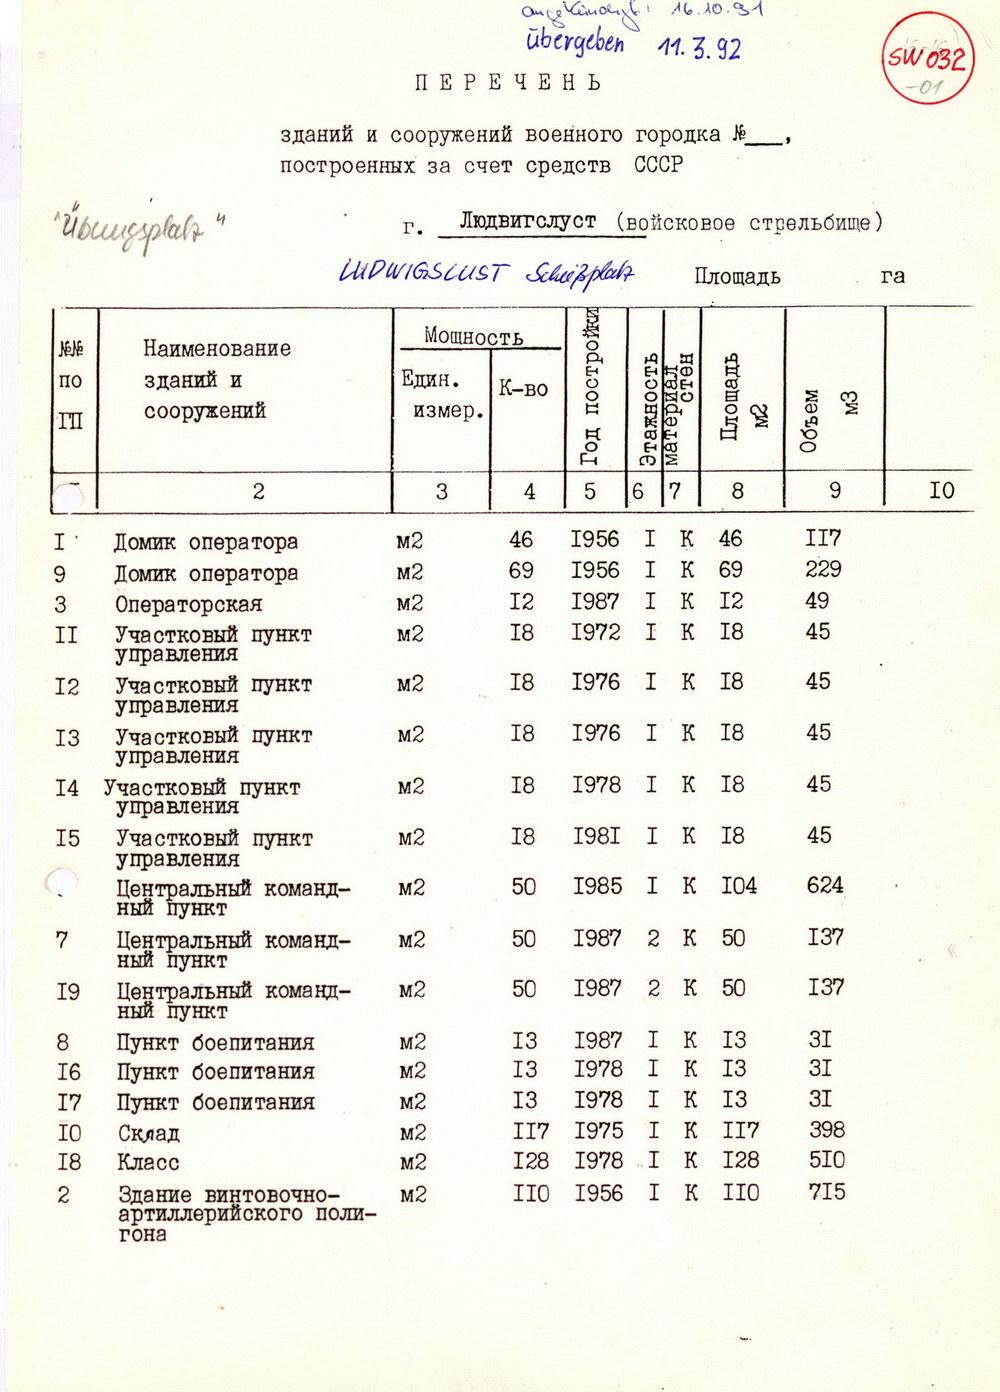 http://www.sowjetische-militaerstandorte-in-deutschland.de/documents/2018/BArch/SW_32_OL_01_BW55-251.jpg